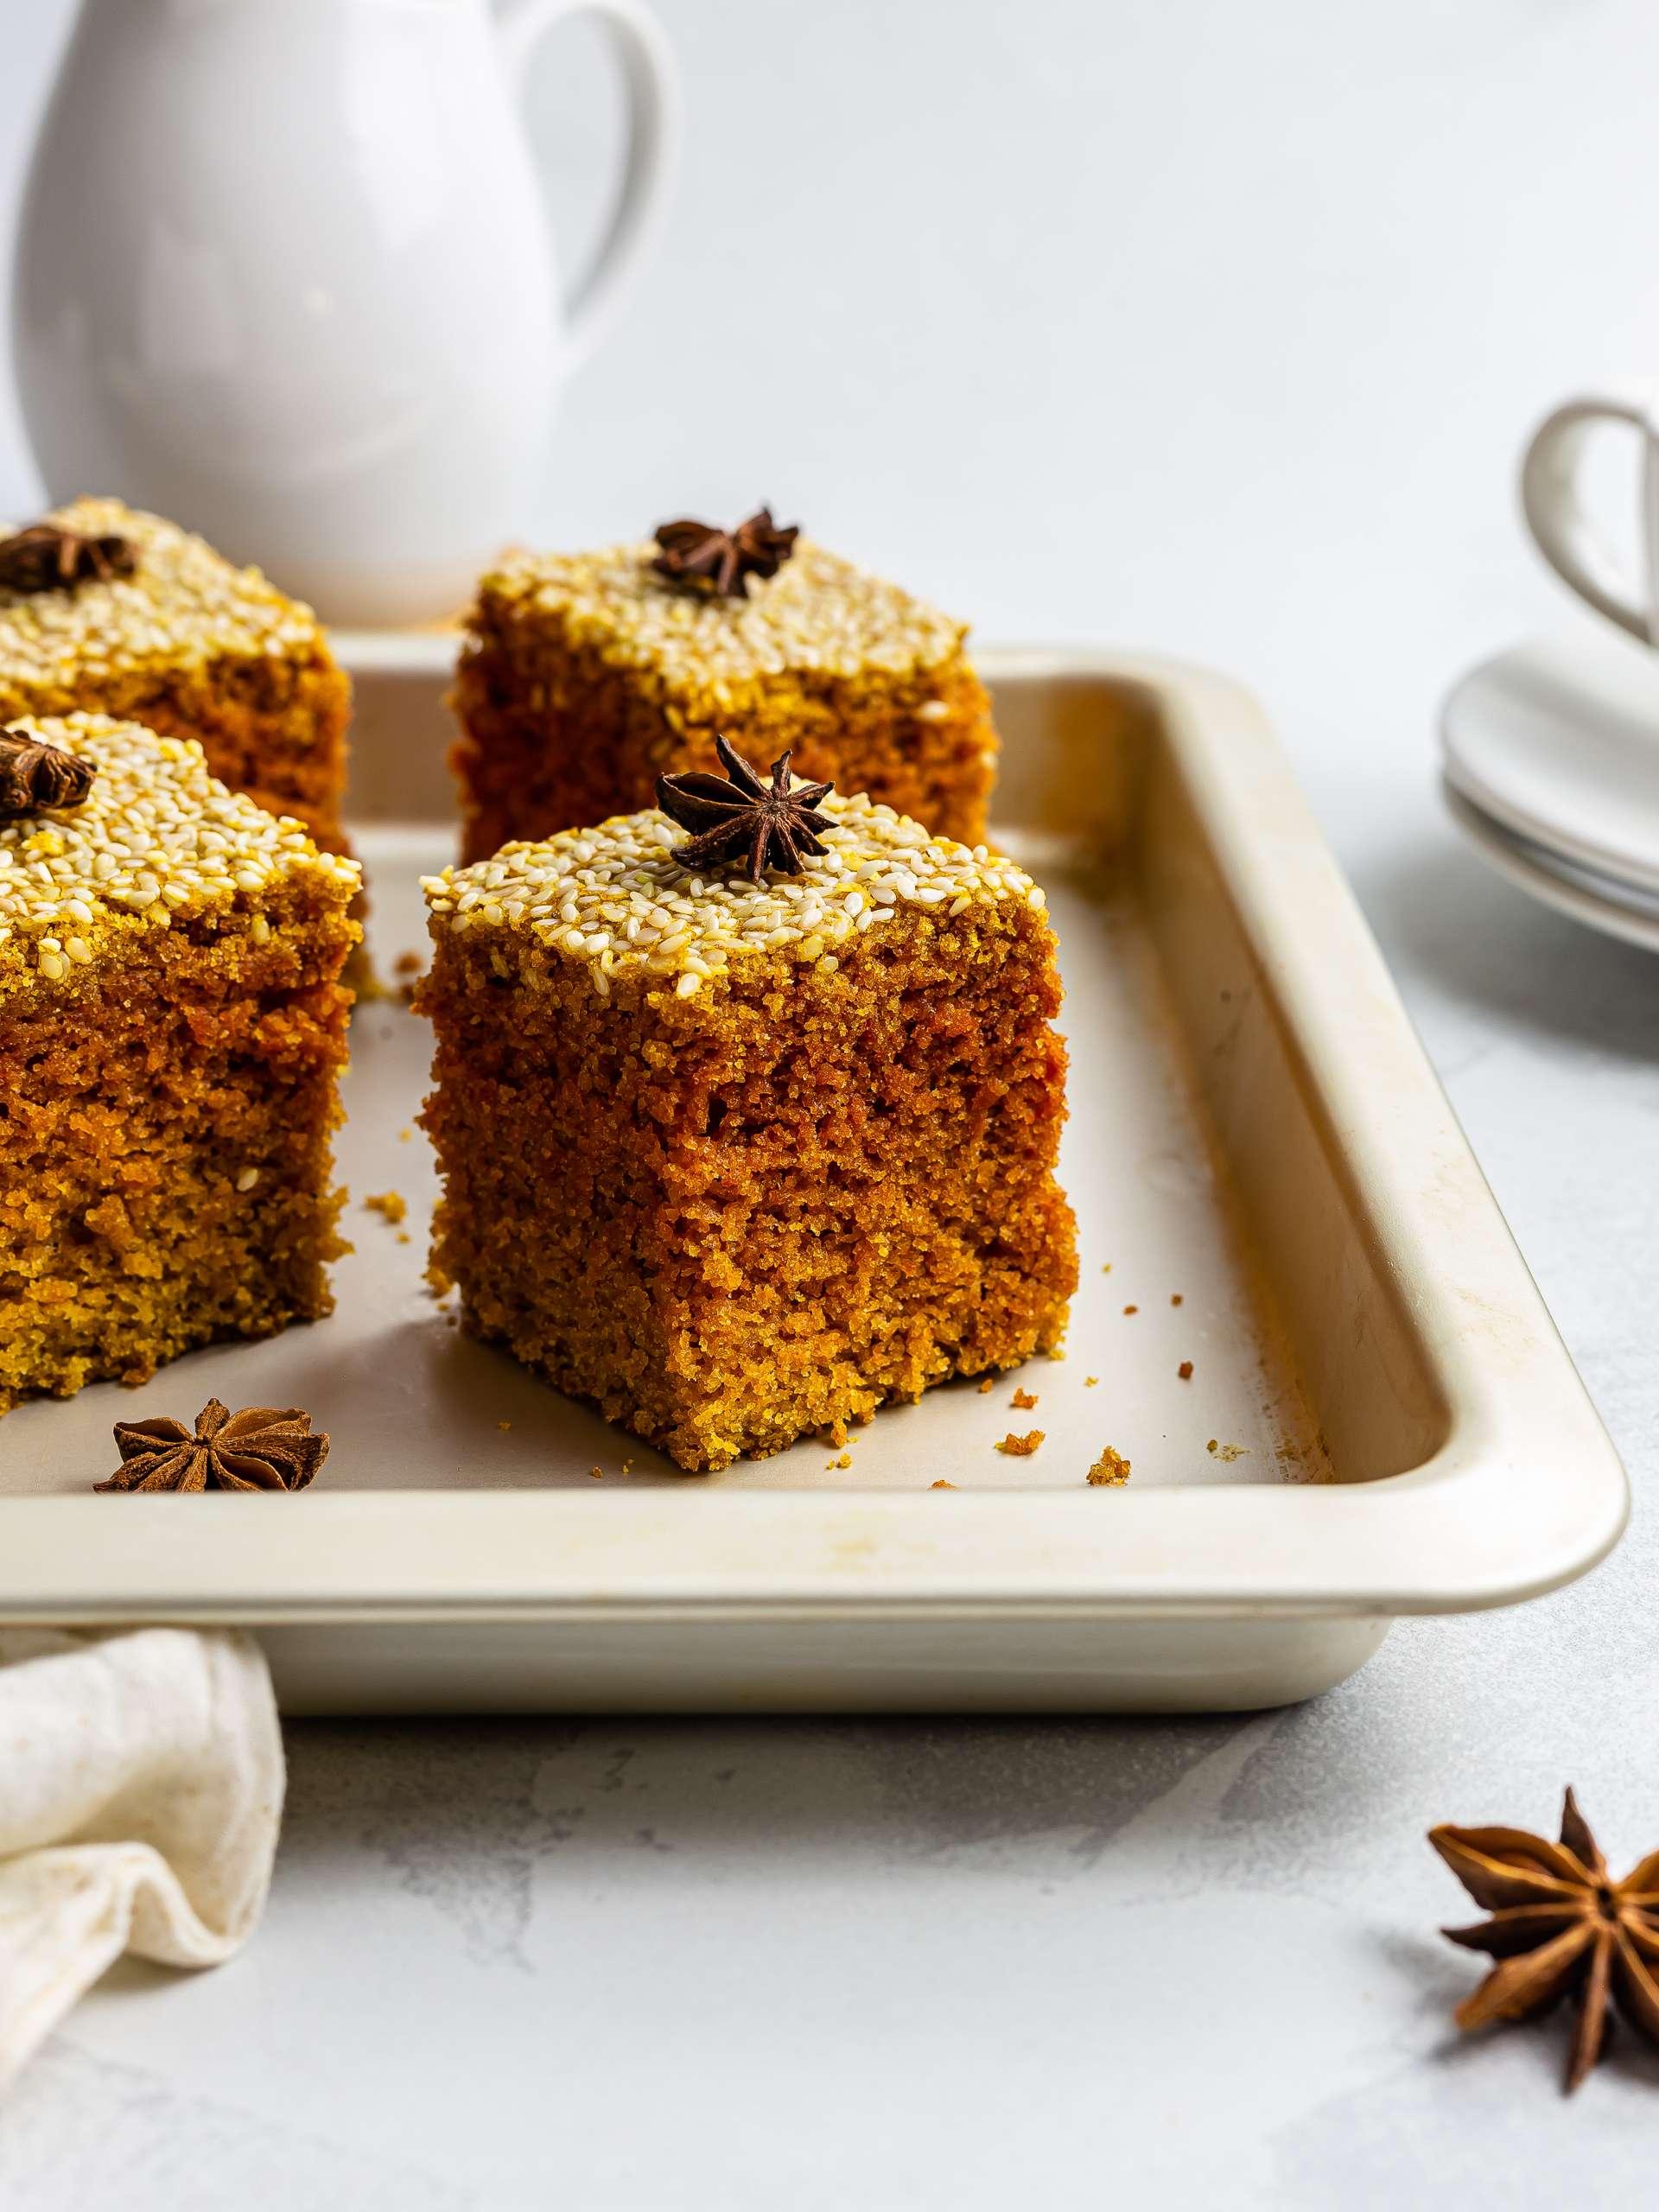 Vegan Sfouf Cake (Lebanese Semolina Cake)